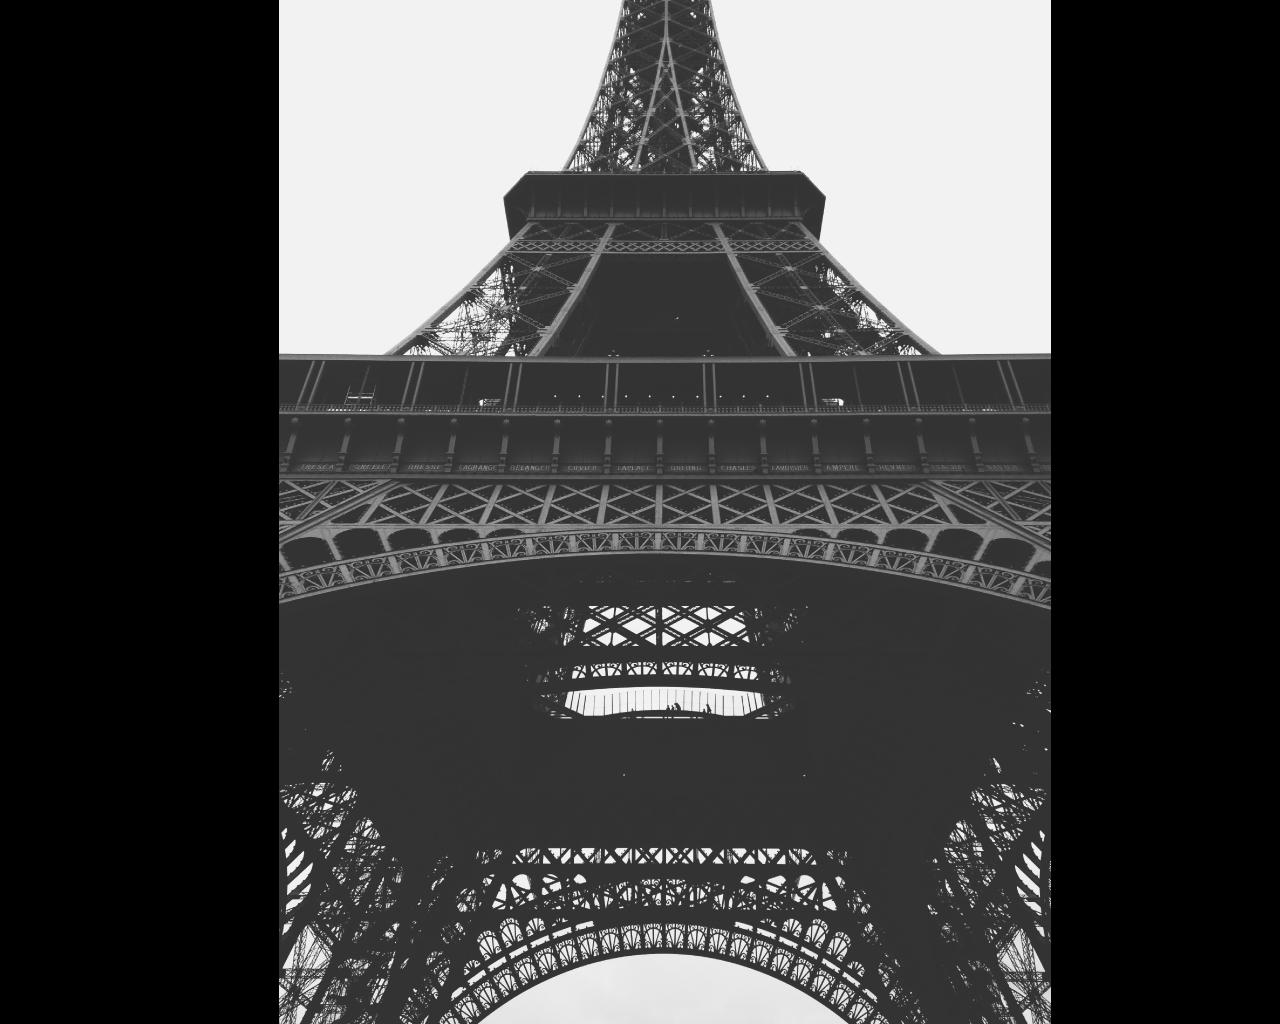 photo-toureiffel-paris-mademoisellebouche-tourisme-art